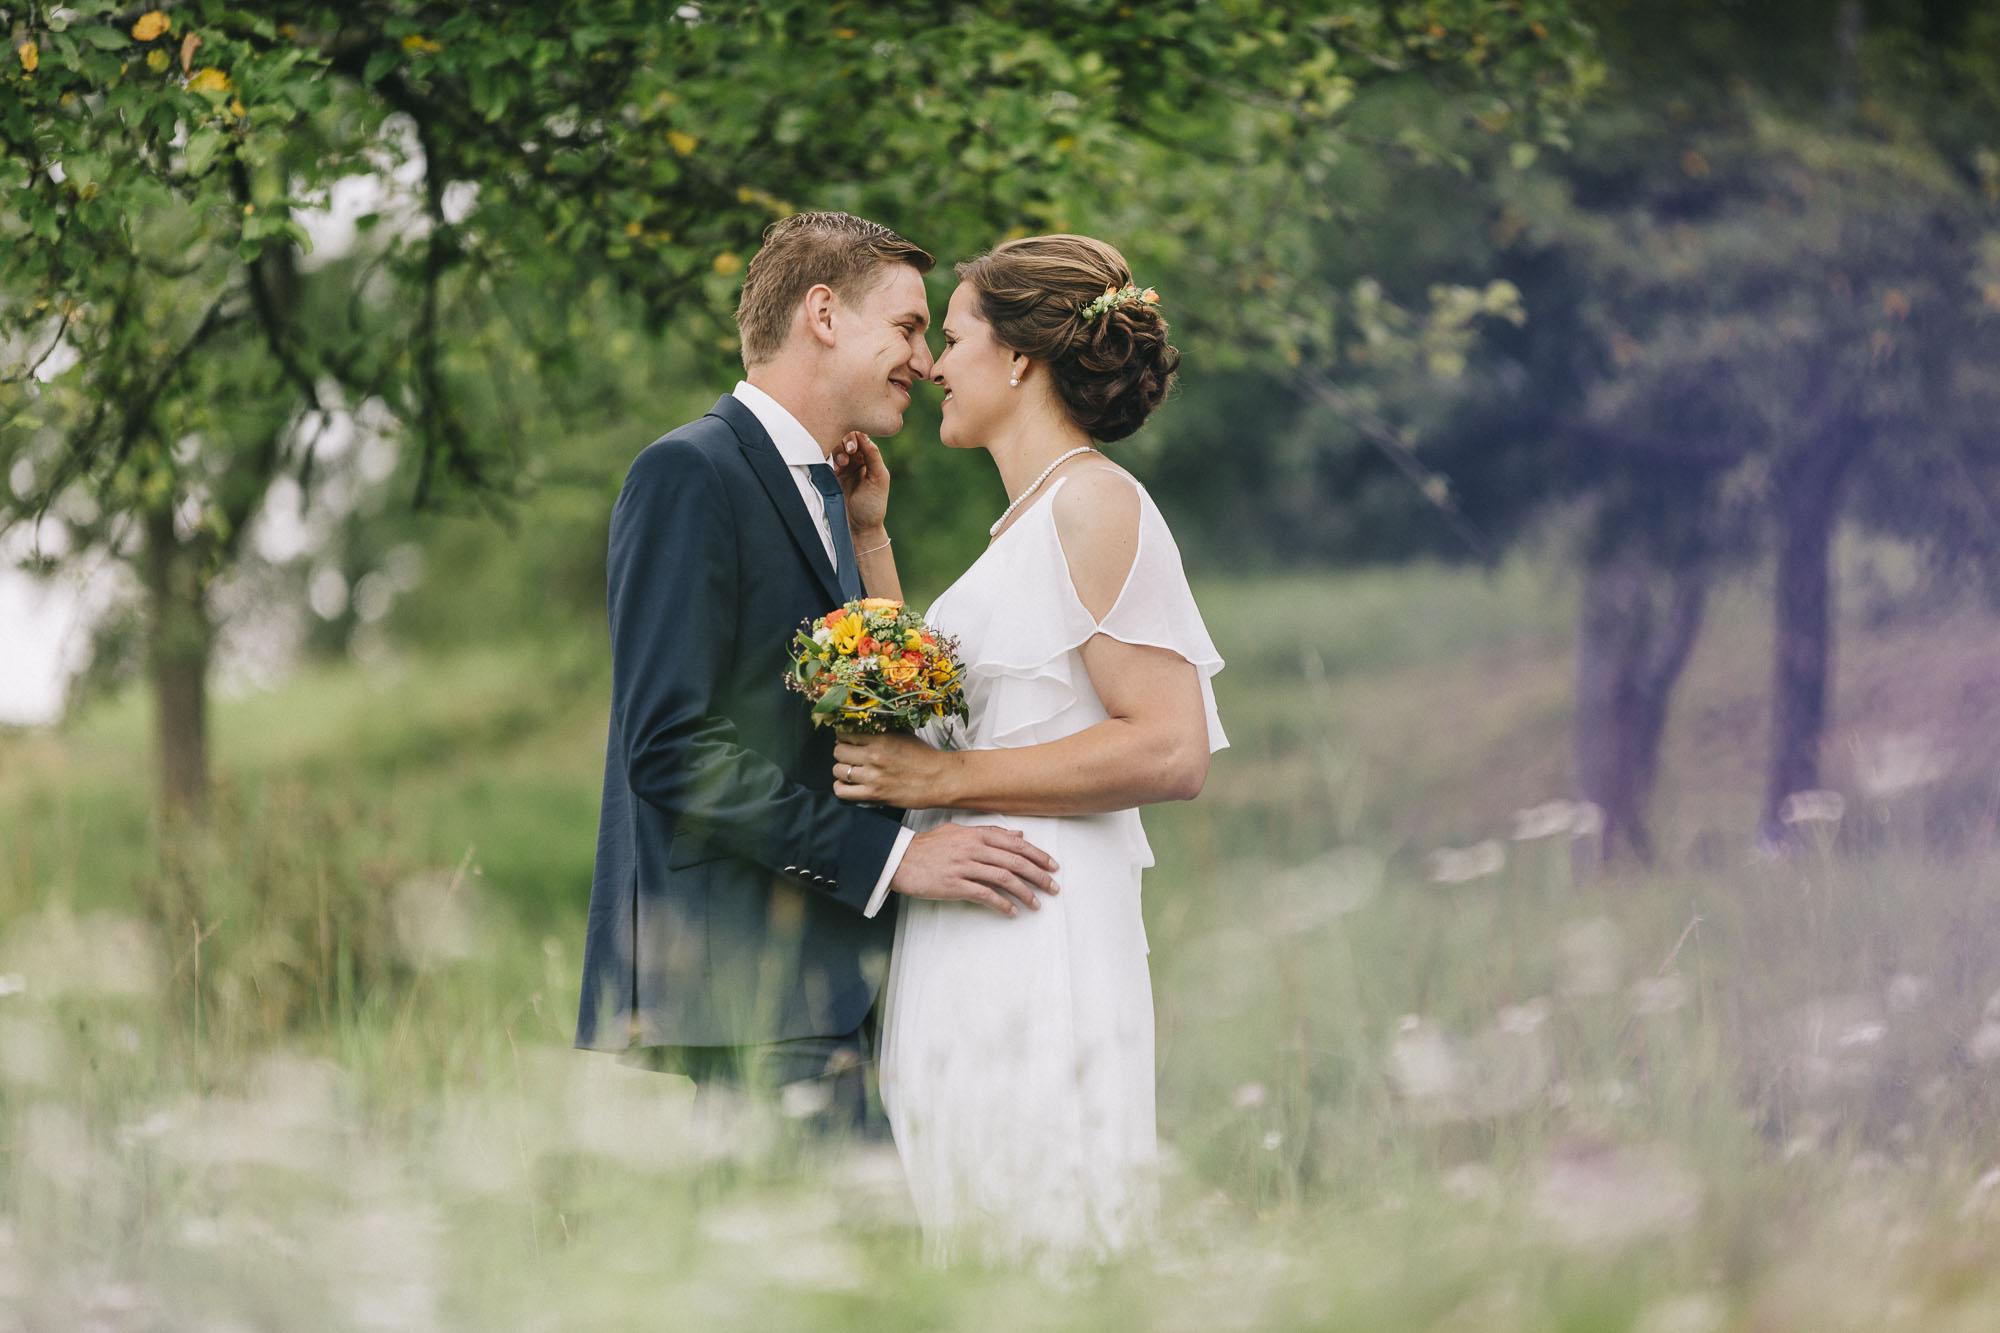 Hochzeitsreportage-Crailsheim-Krystina-Stefan-33